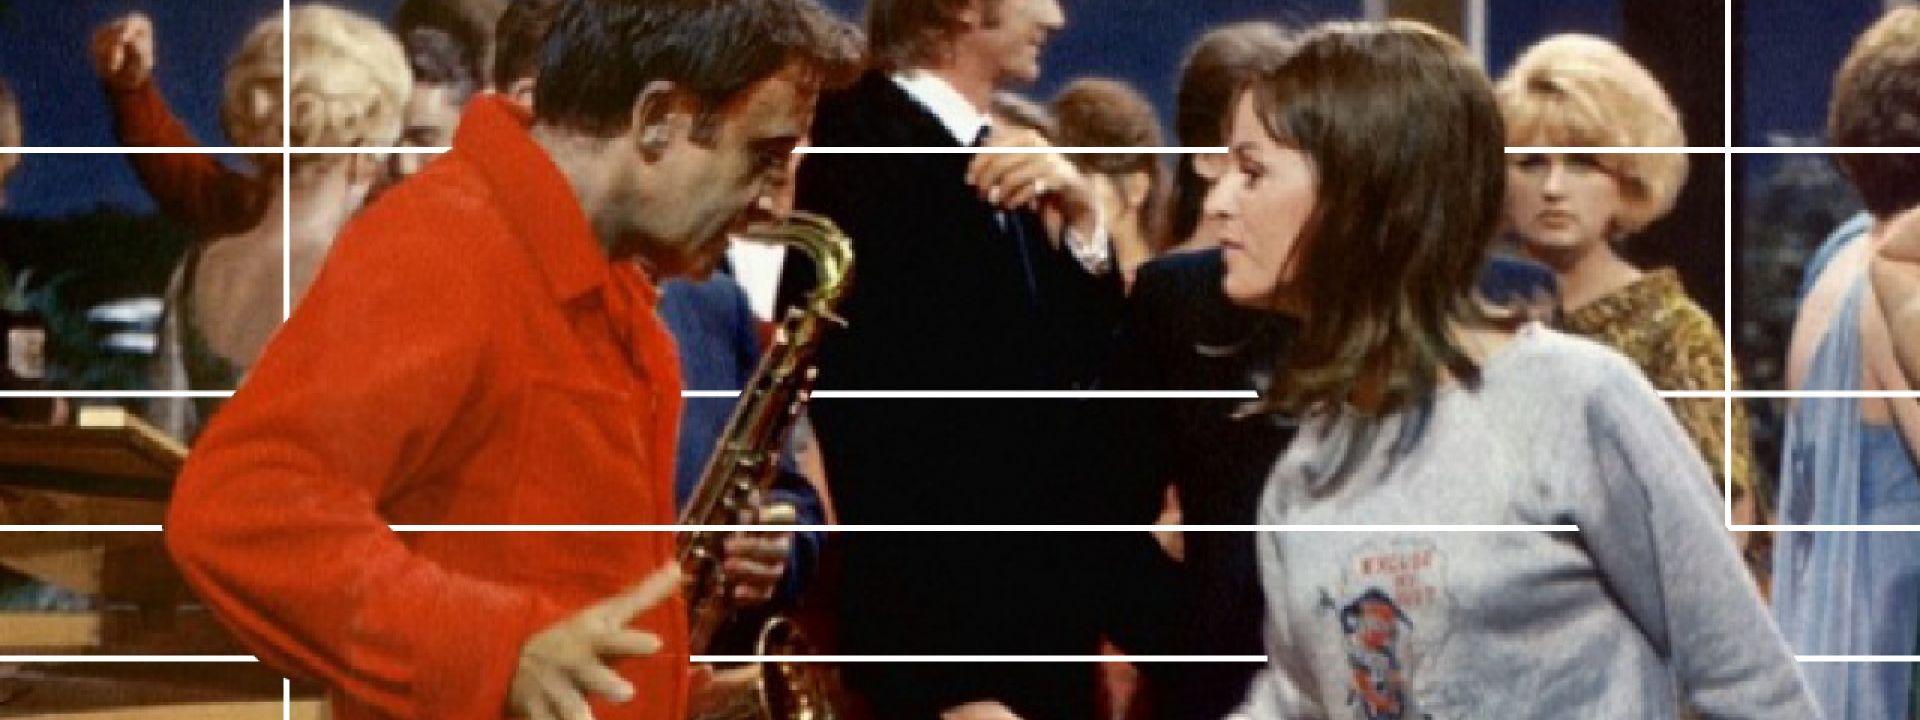 Φωτογραφία από την ταινία Το Πάρτι